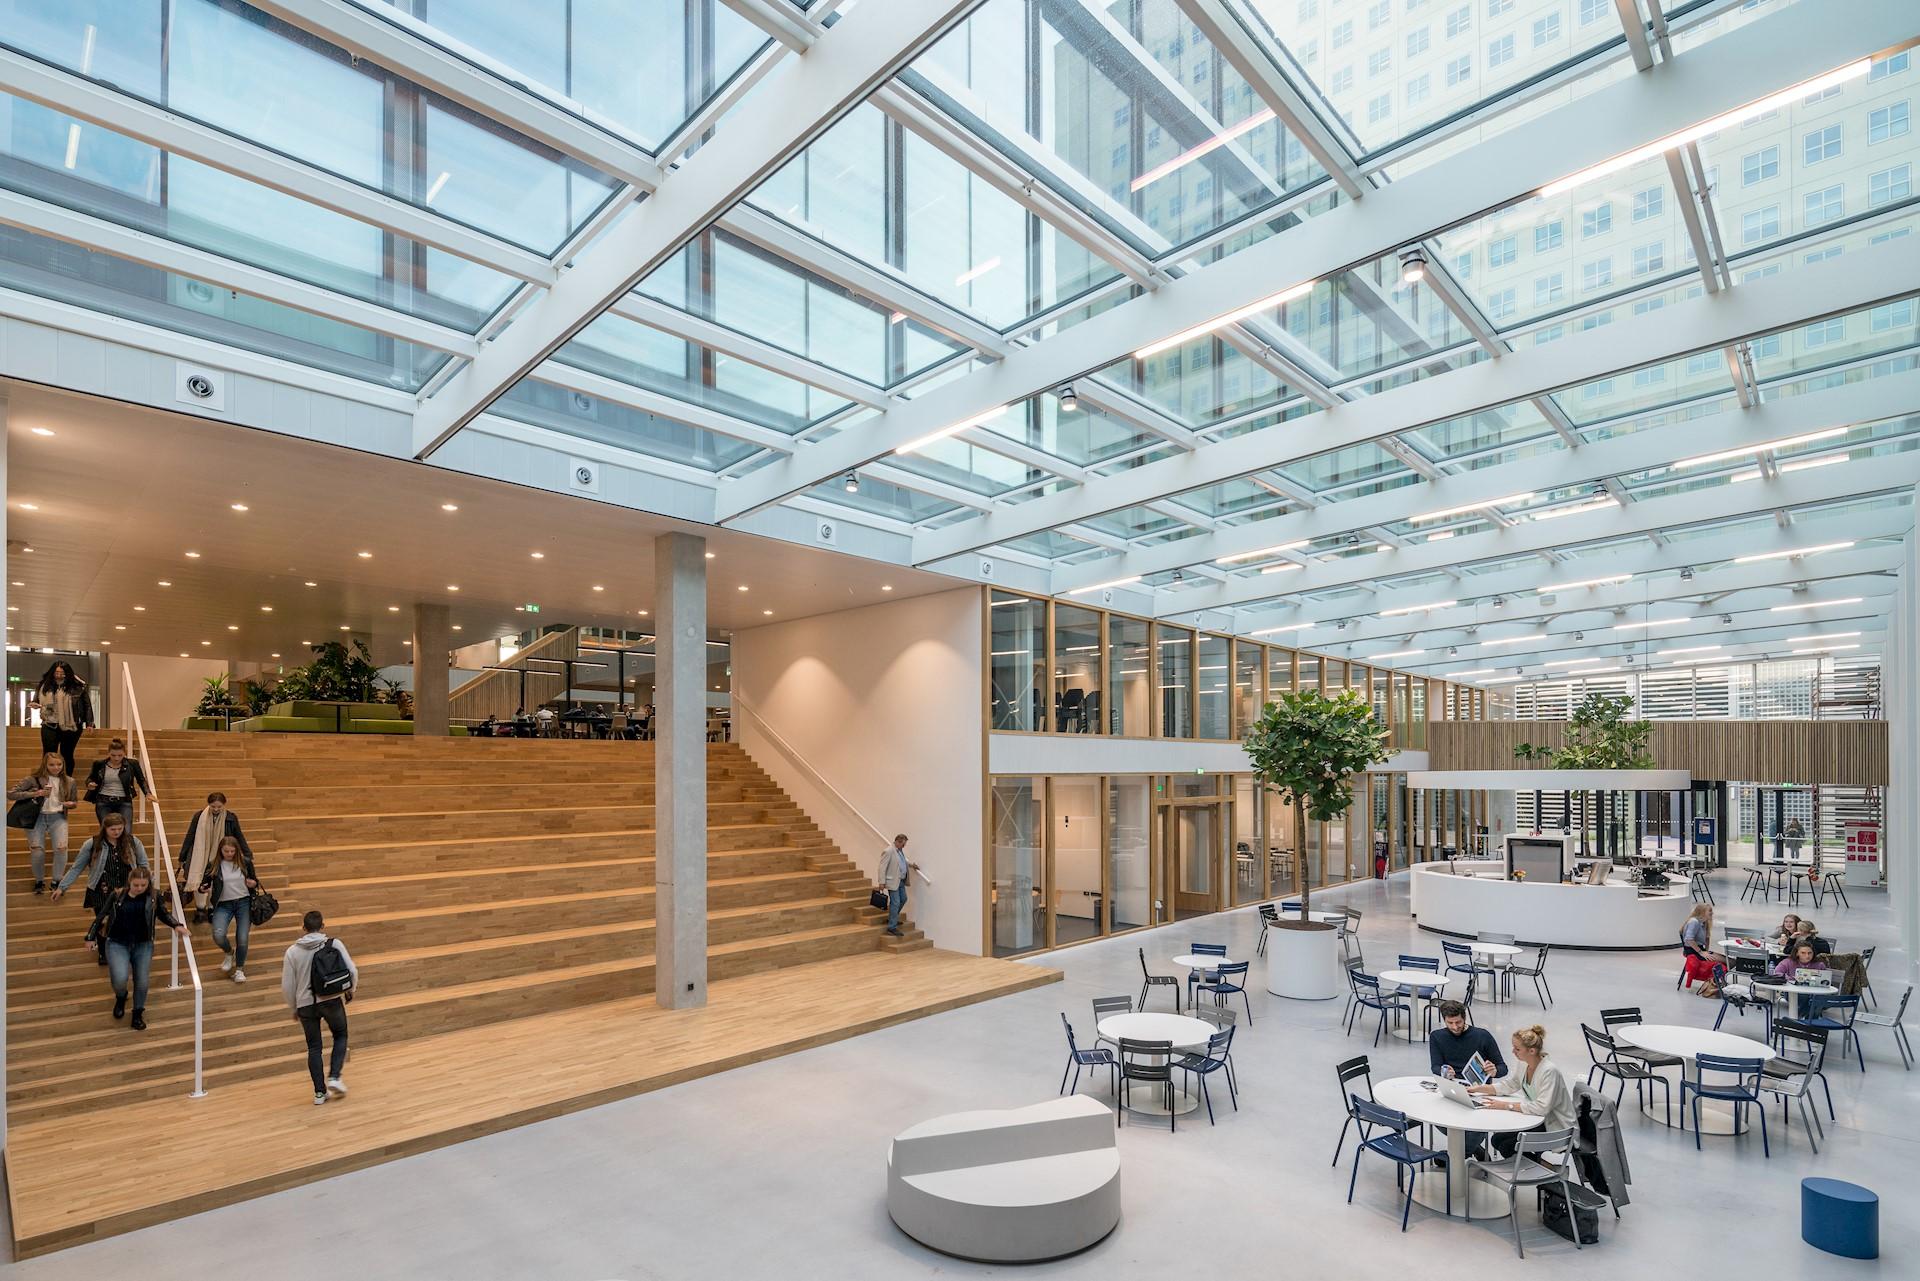 Rotterdam business school hogeschool rotterdam de twee